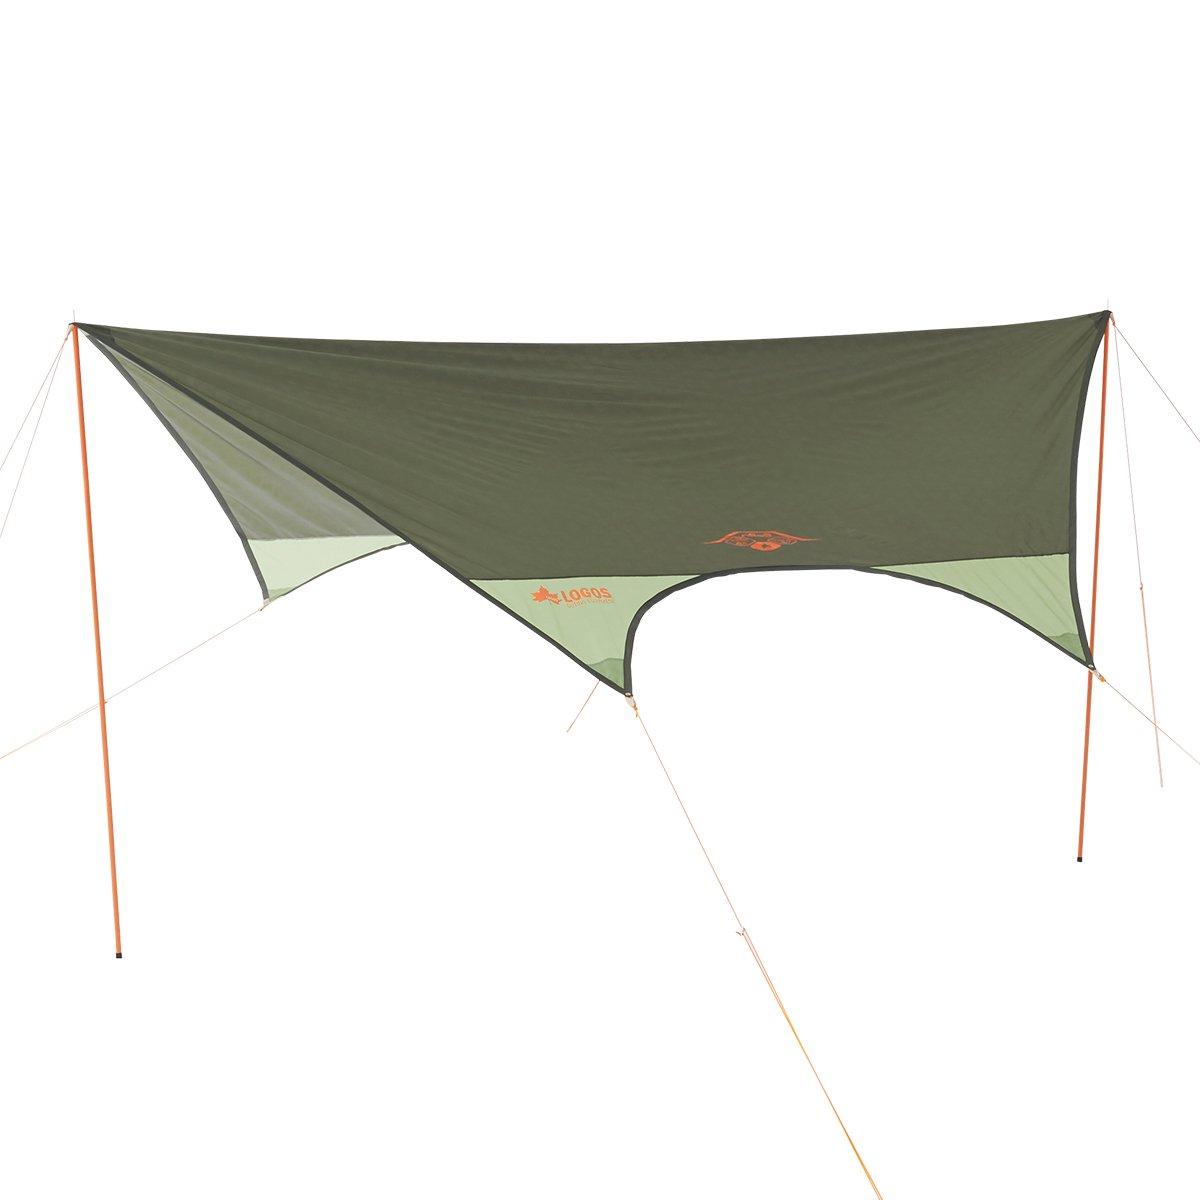 ロゴス(LOGOS) タープ neos ドームFITヘキサ 4443-N ヘキサゴン型 耐風性 UVカット加工 B00HYTEISK